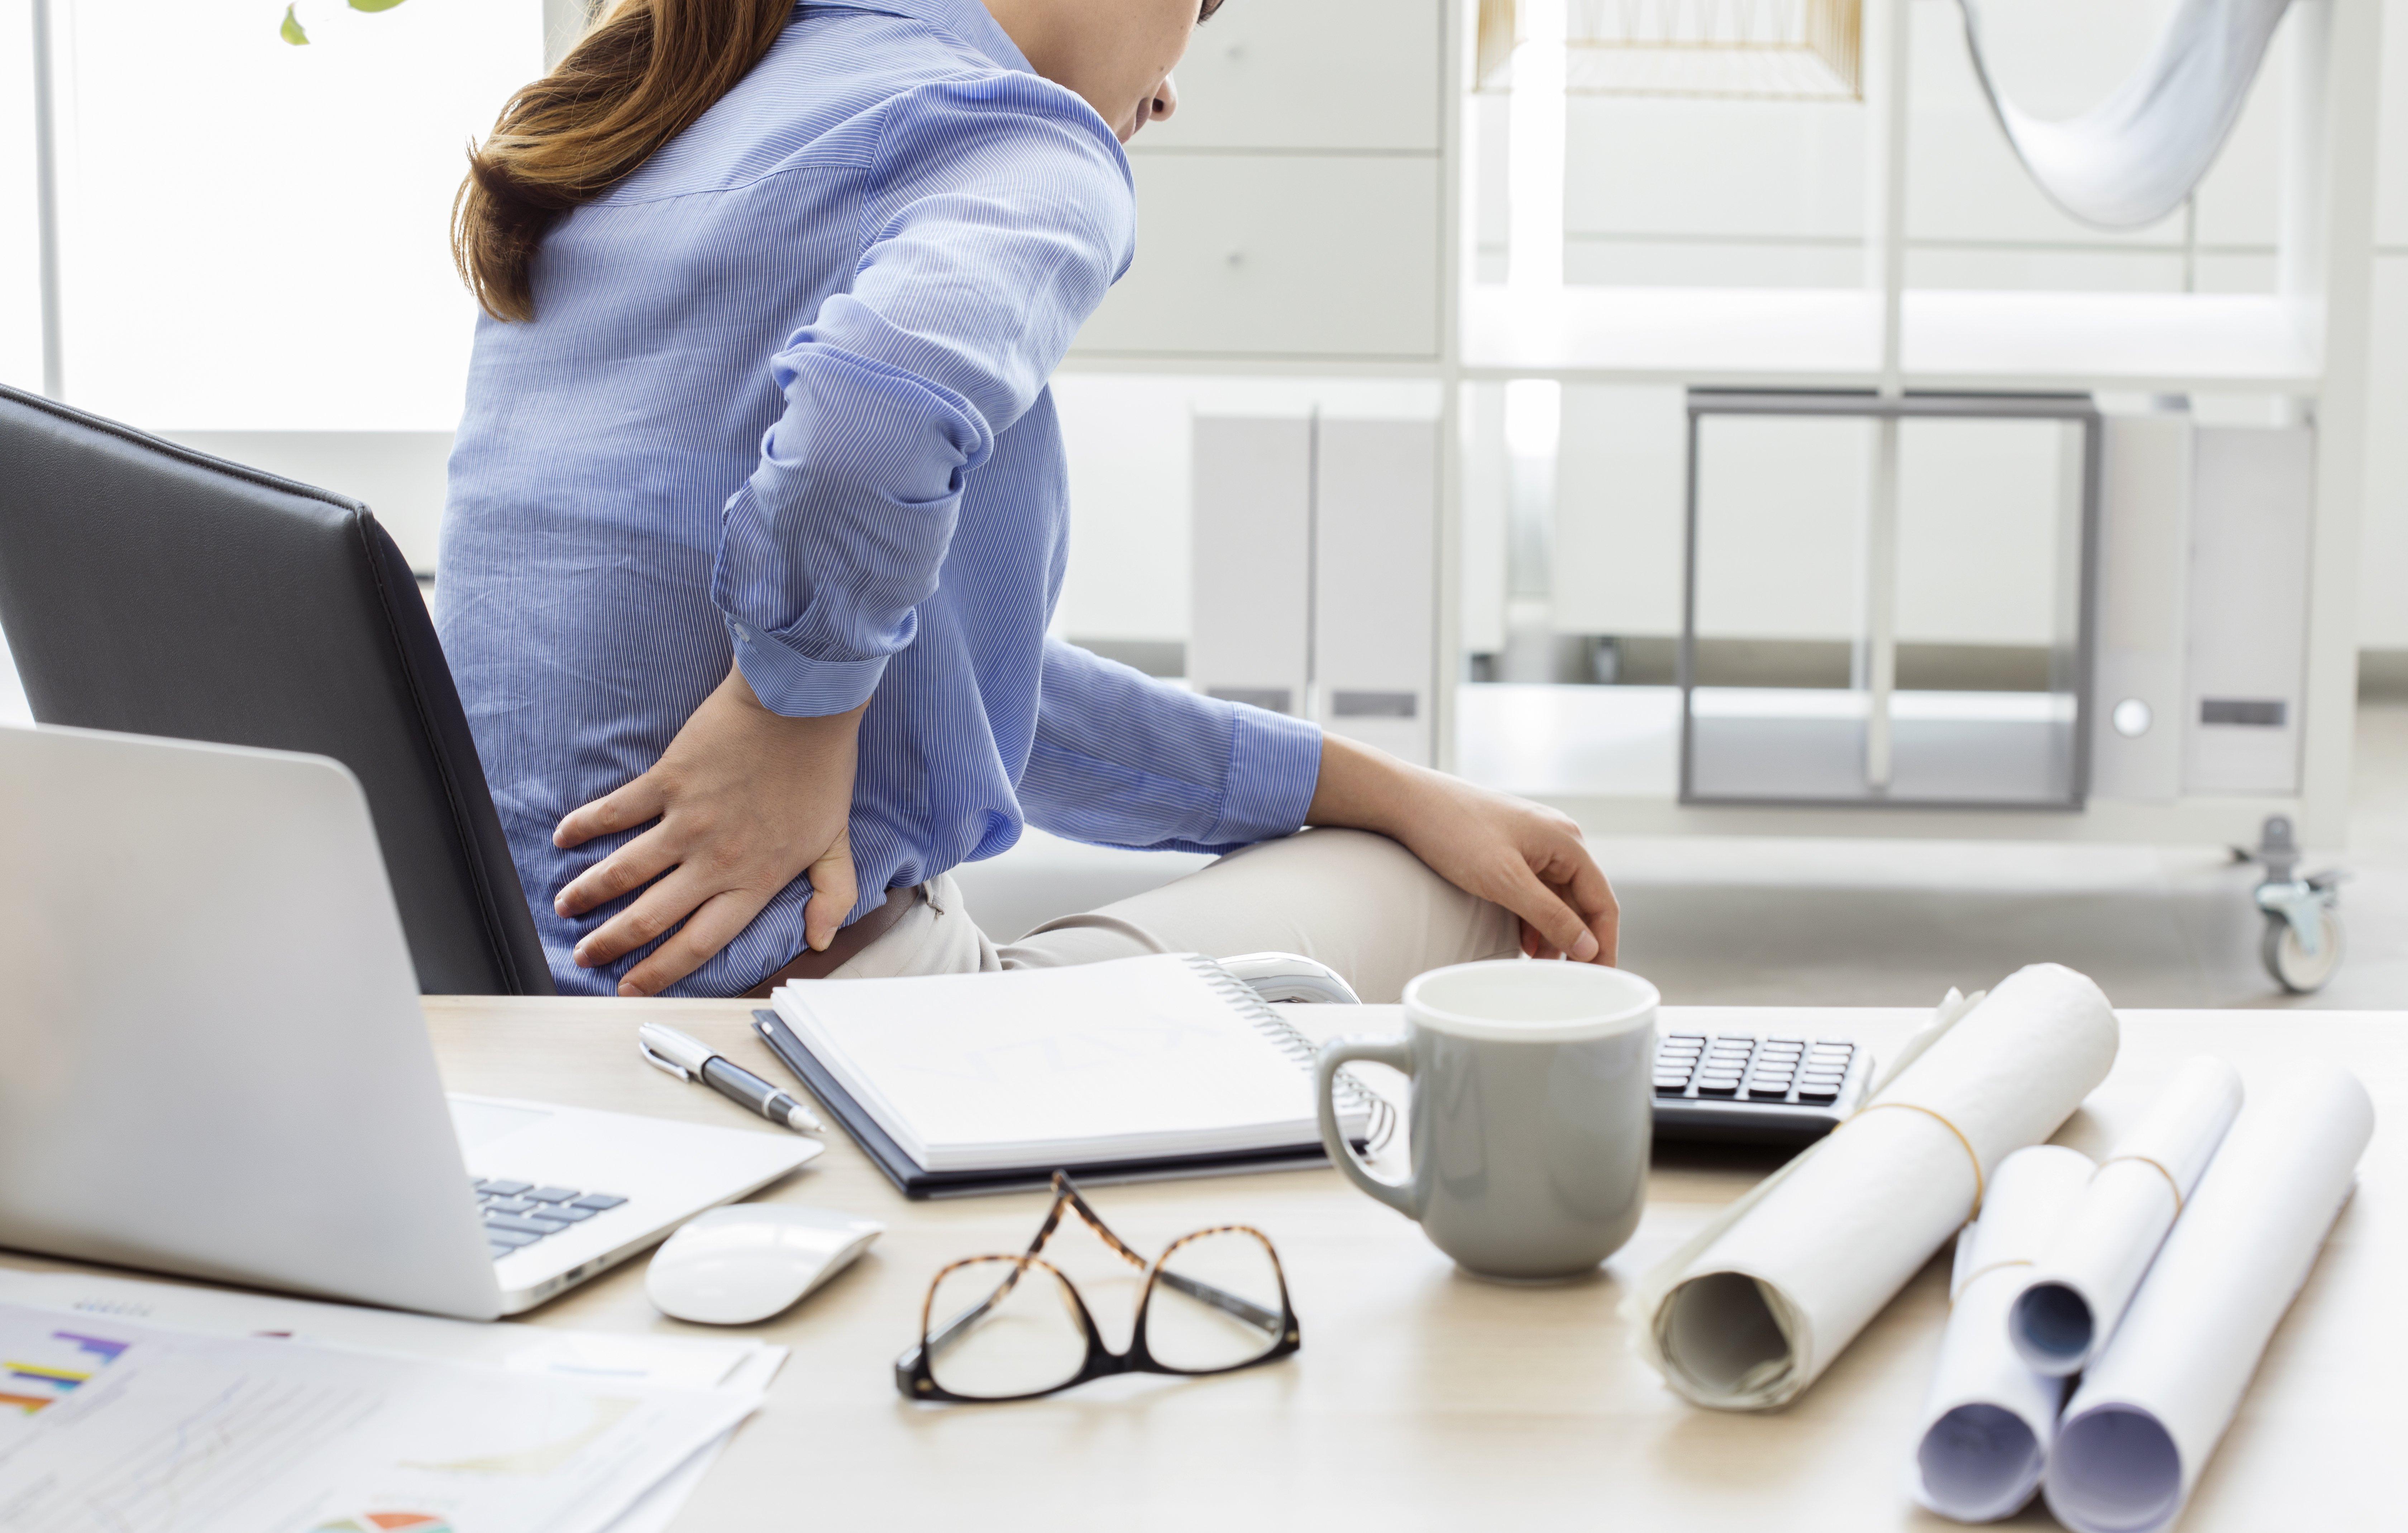 Mujer con dolor de espalda. Fuente: Shutterstock